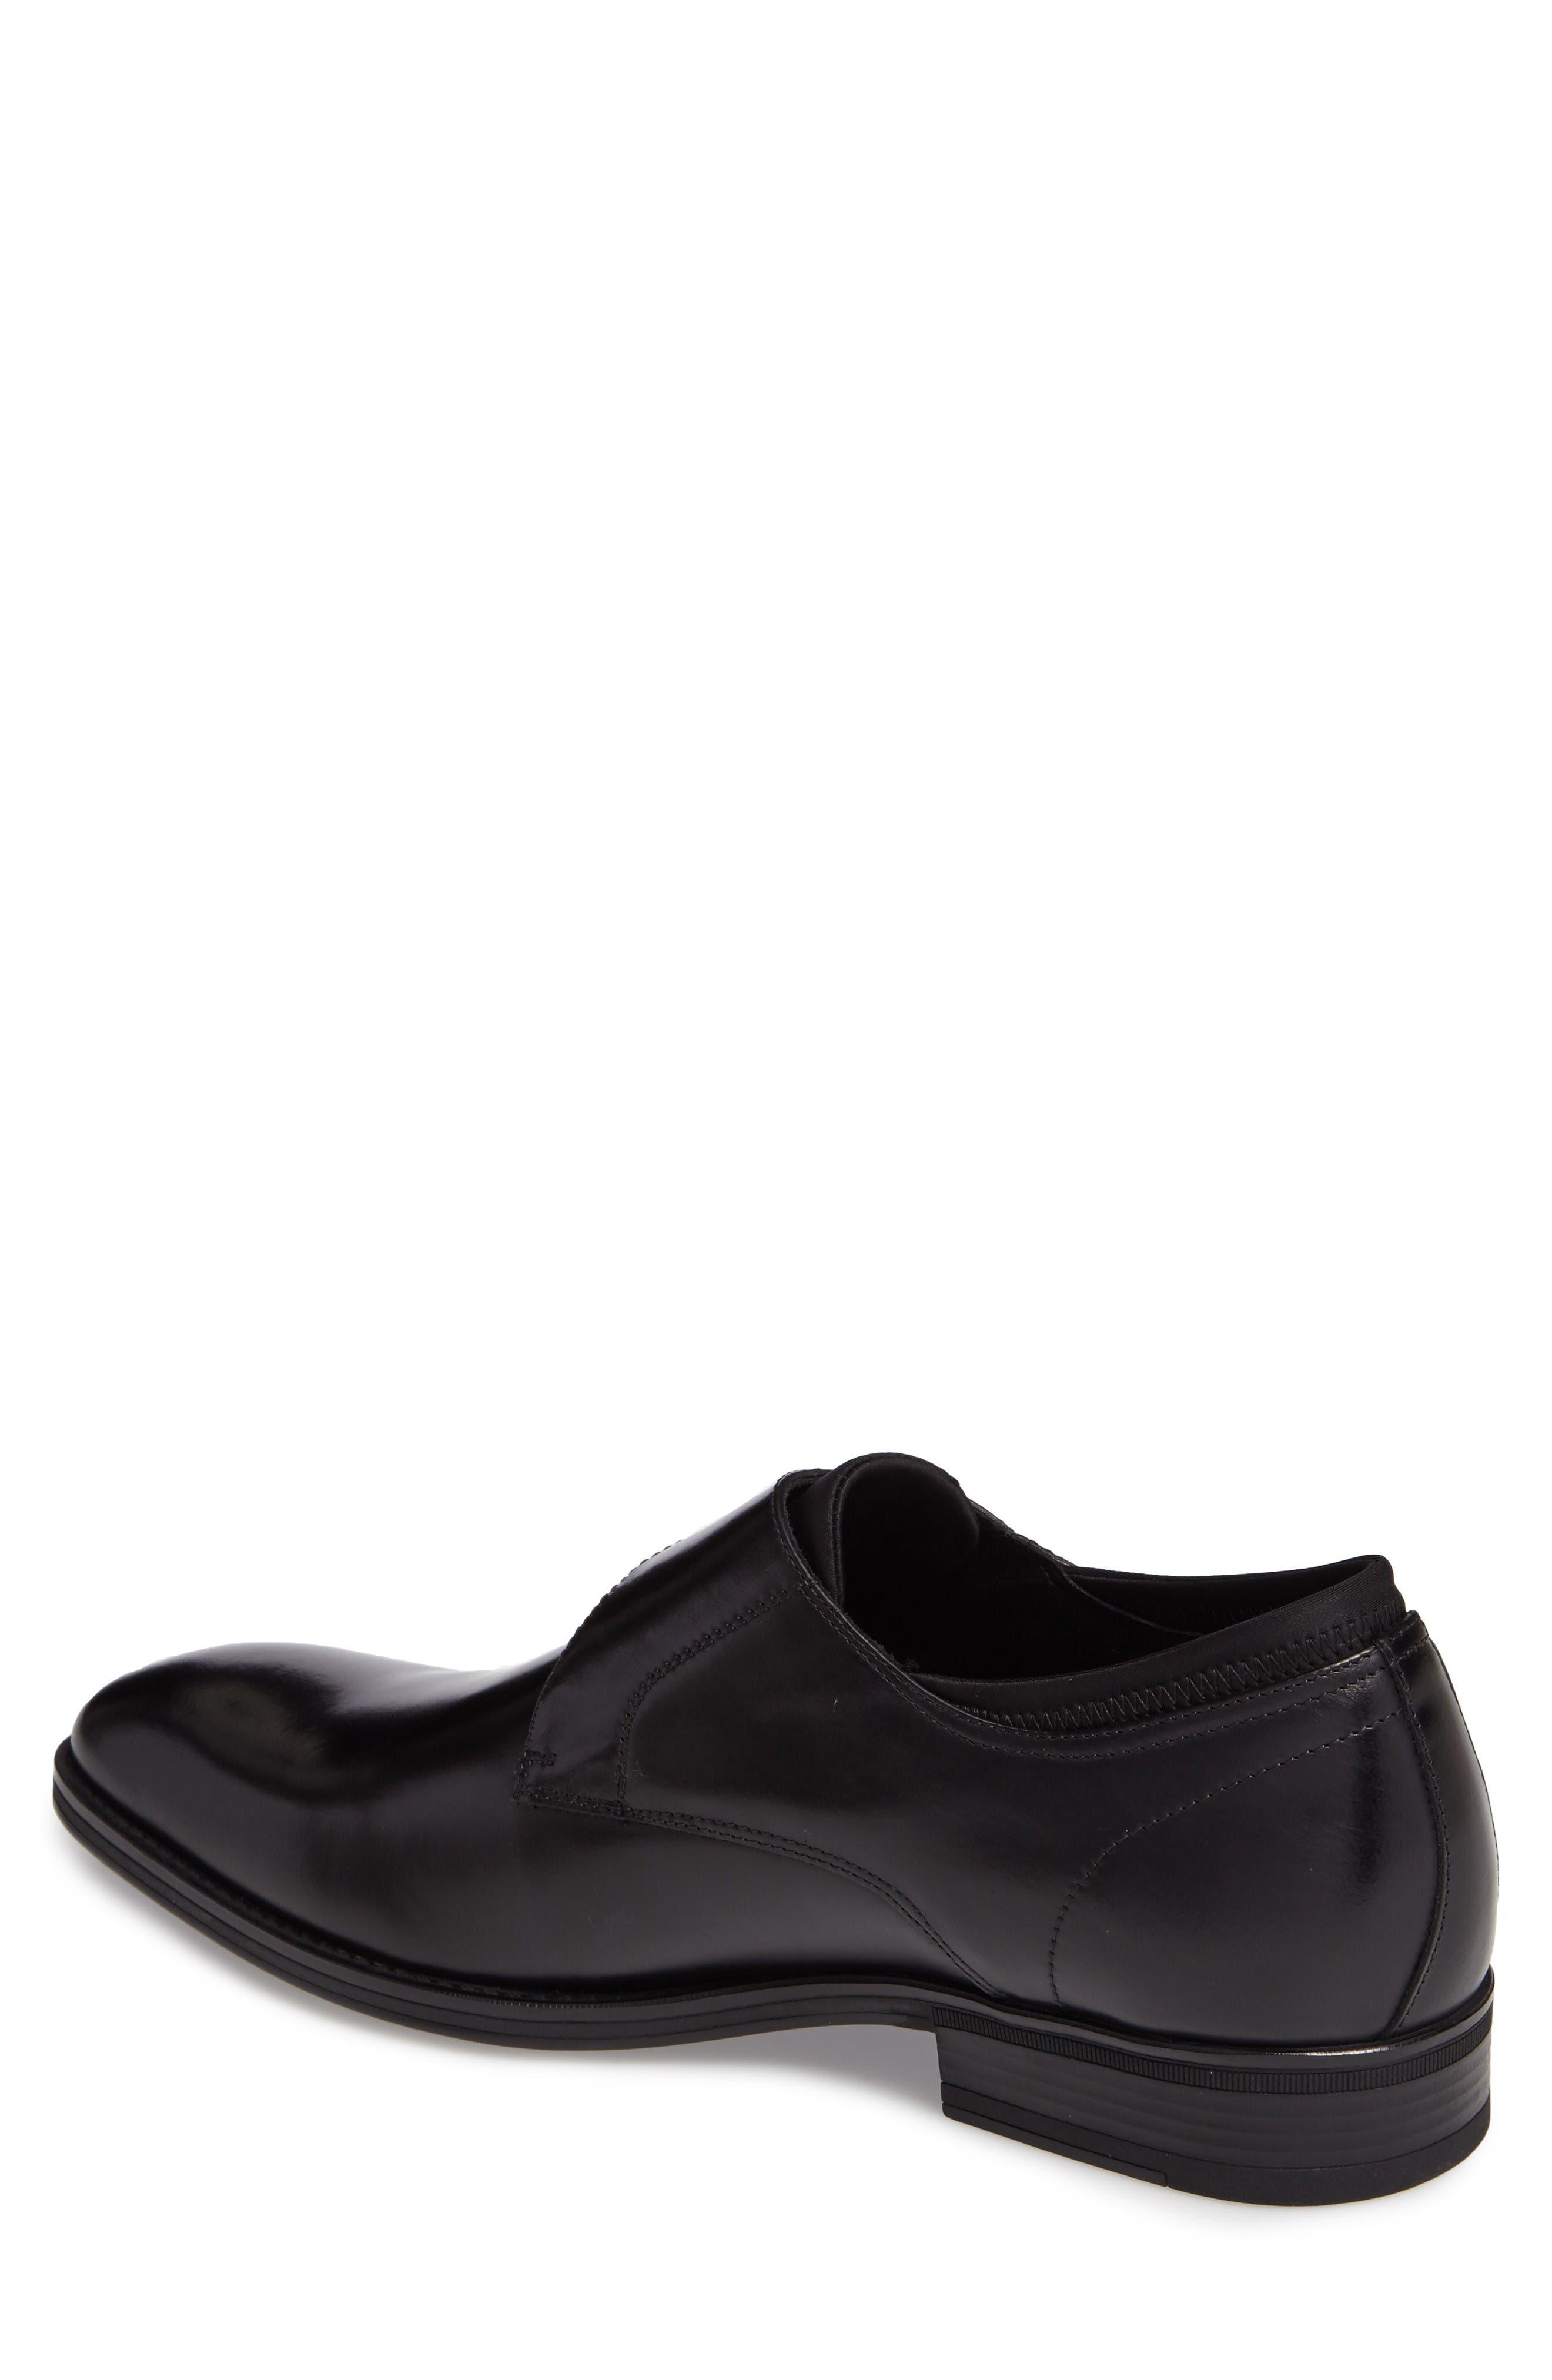 Alternate Image 2  - Kenneth Cole New York Shock Wave Monk Shoe (Men)